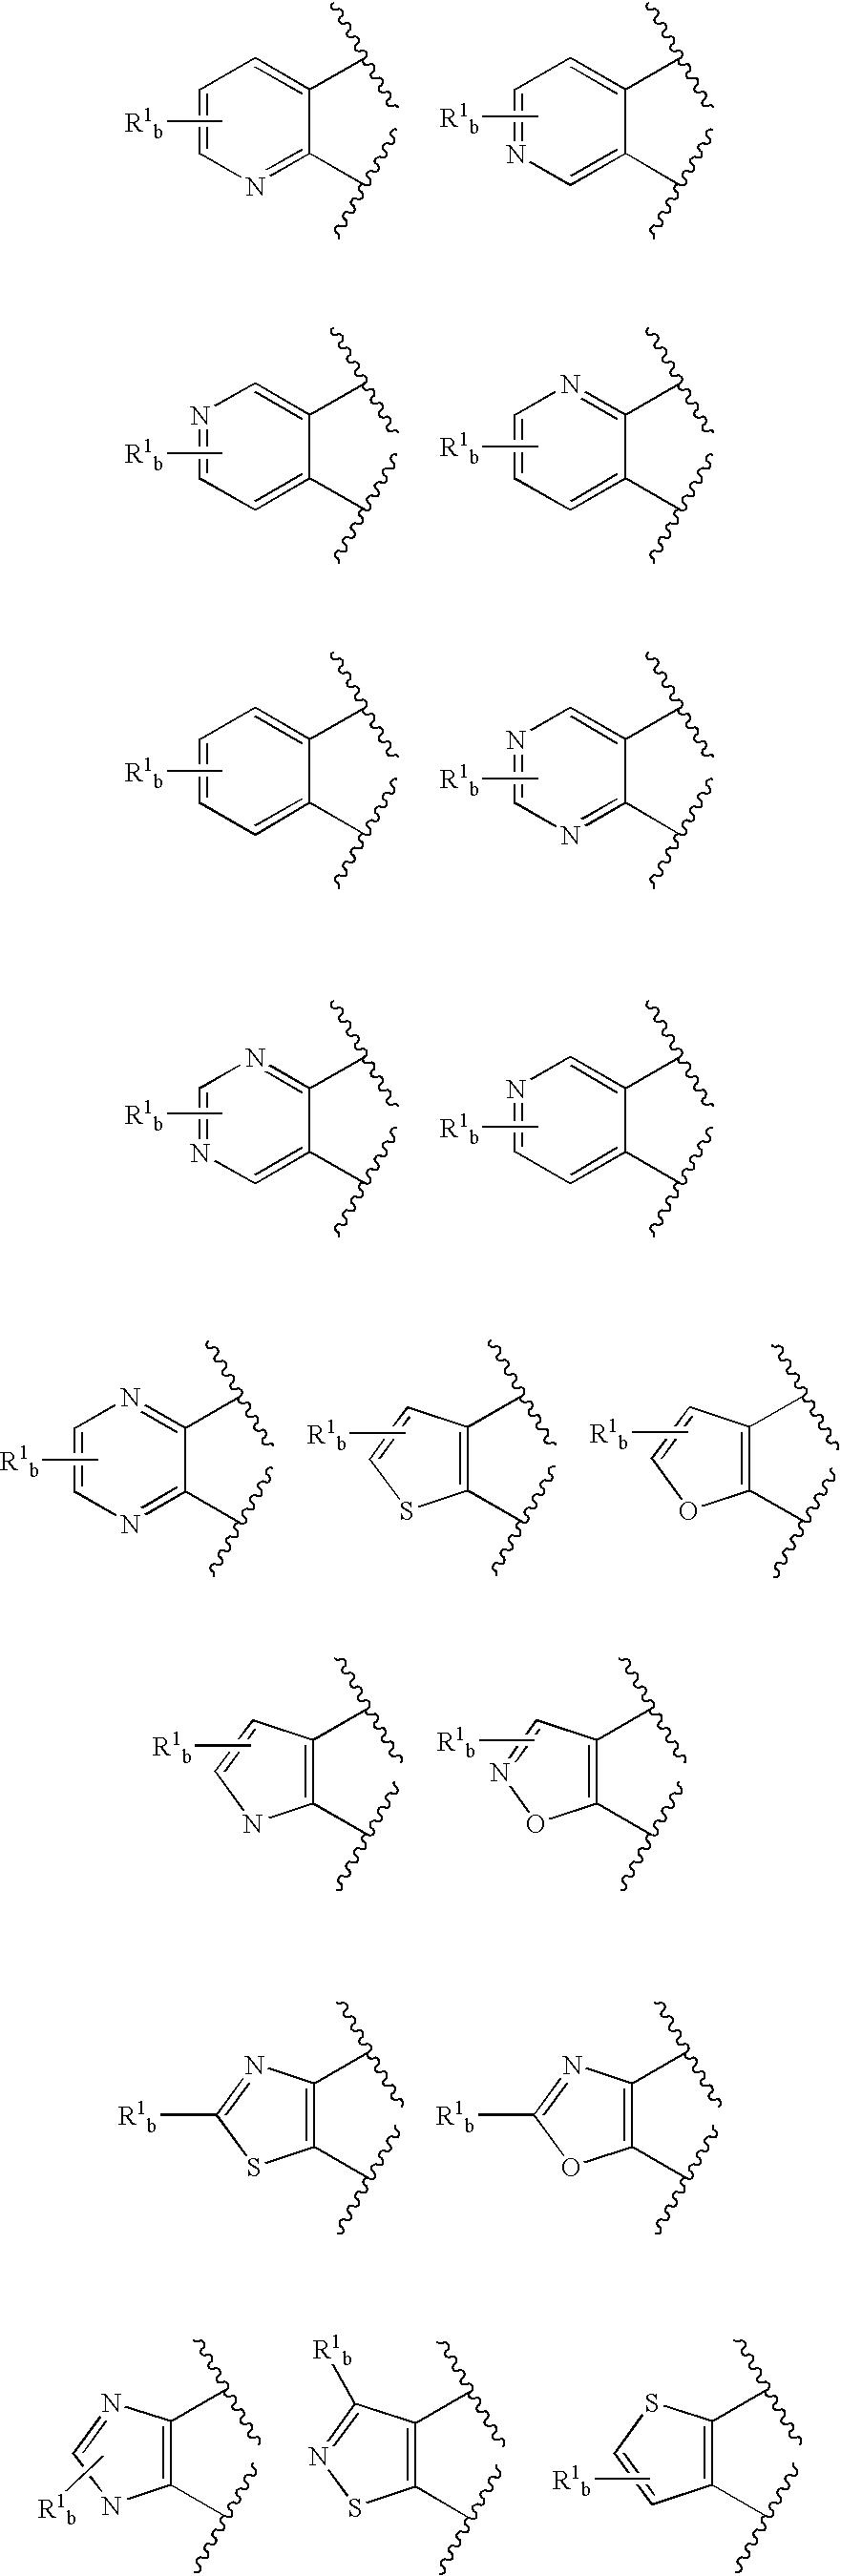 Figure US20080045526A1-20080221-C00202